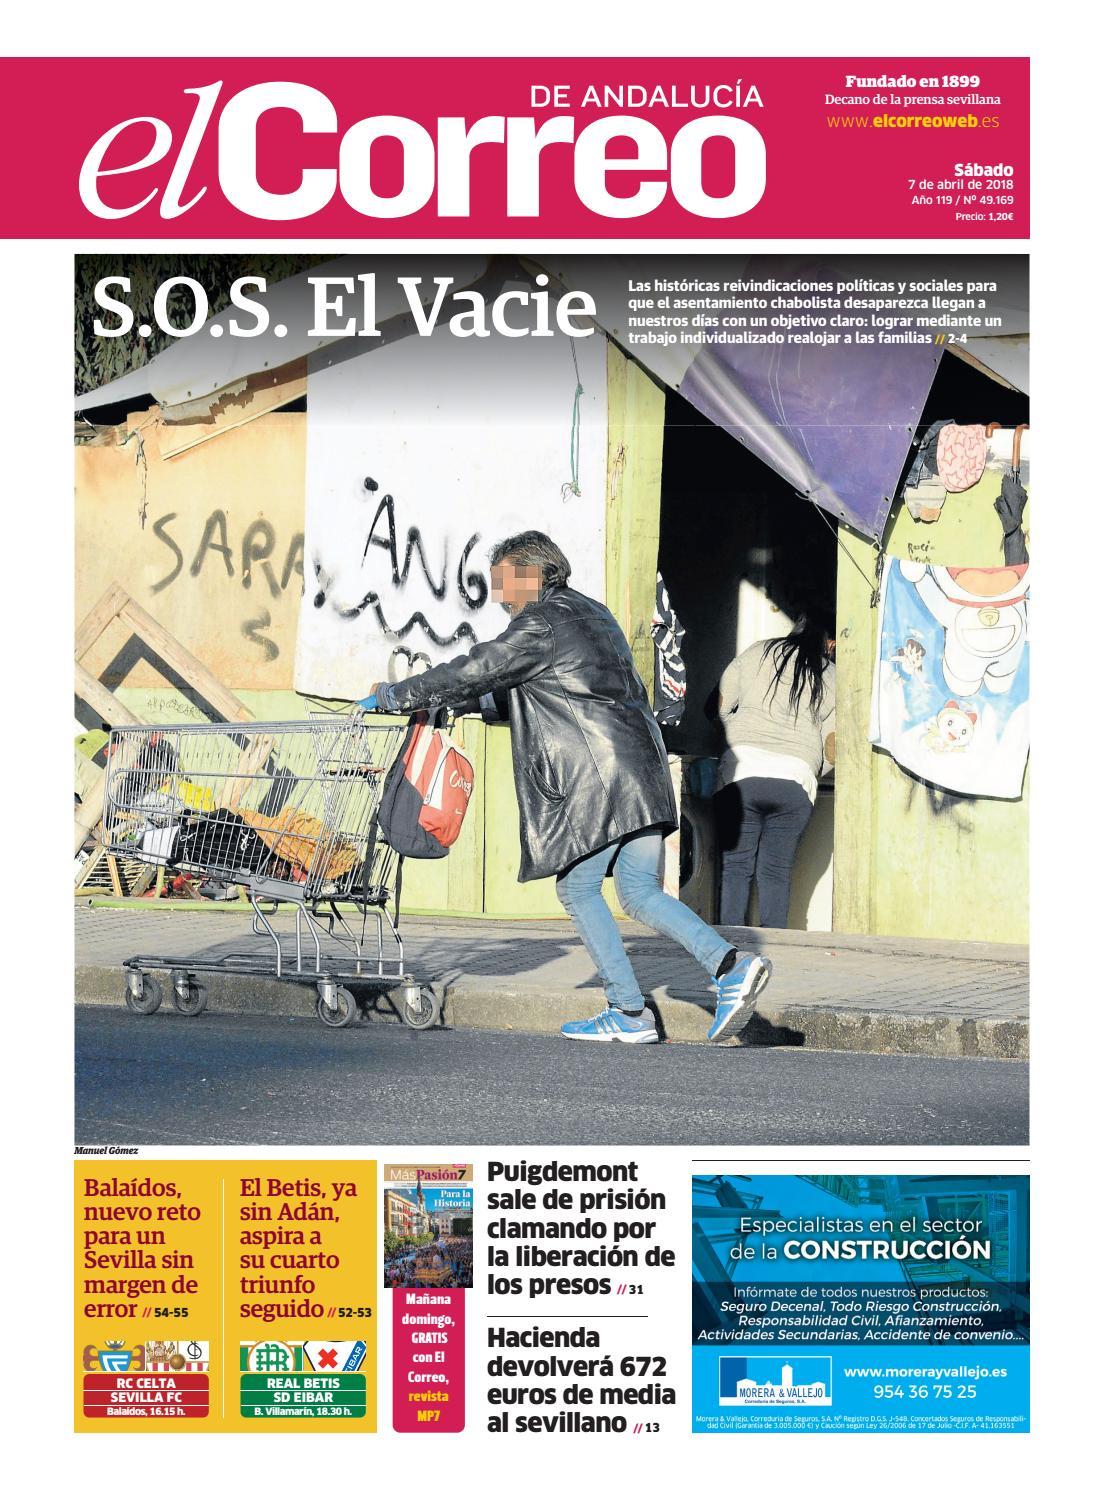 07.04.2018 El Correo de Andalucía by EL CORREO DE ANDALUCÍA S.L. - Issuu bf6ba9f553c